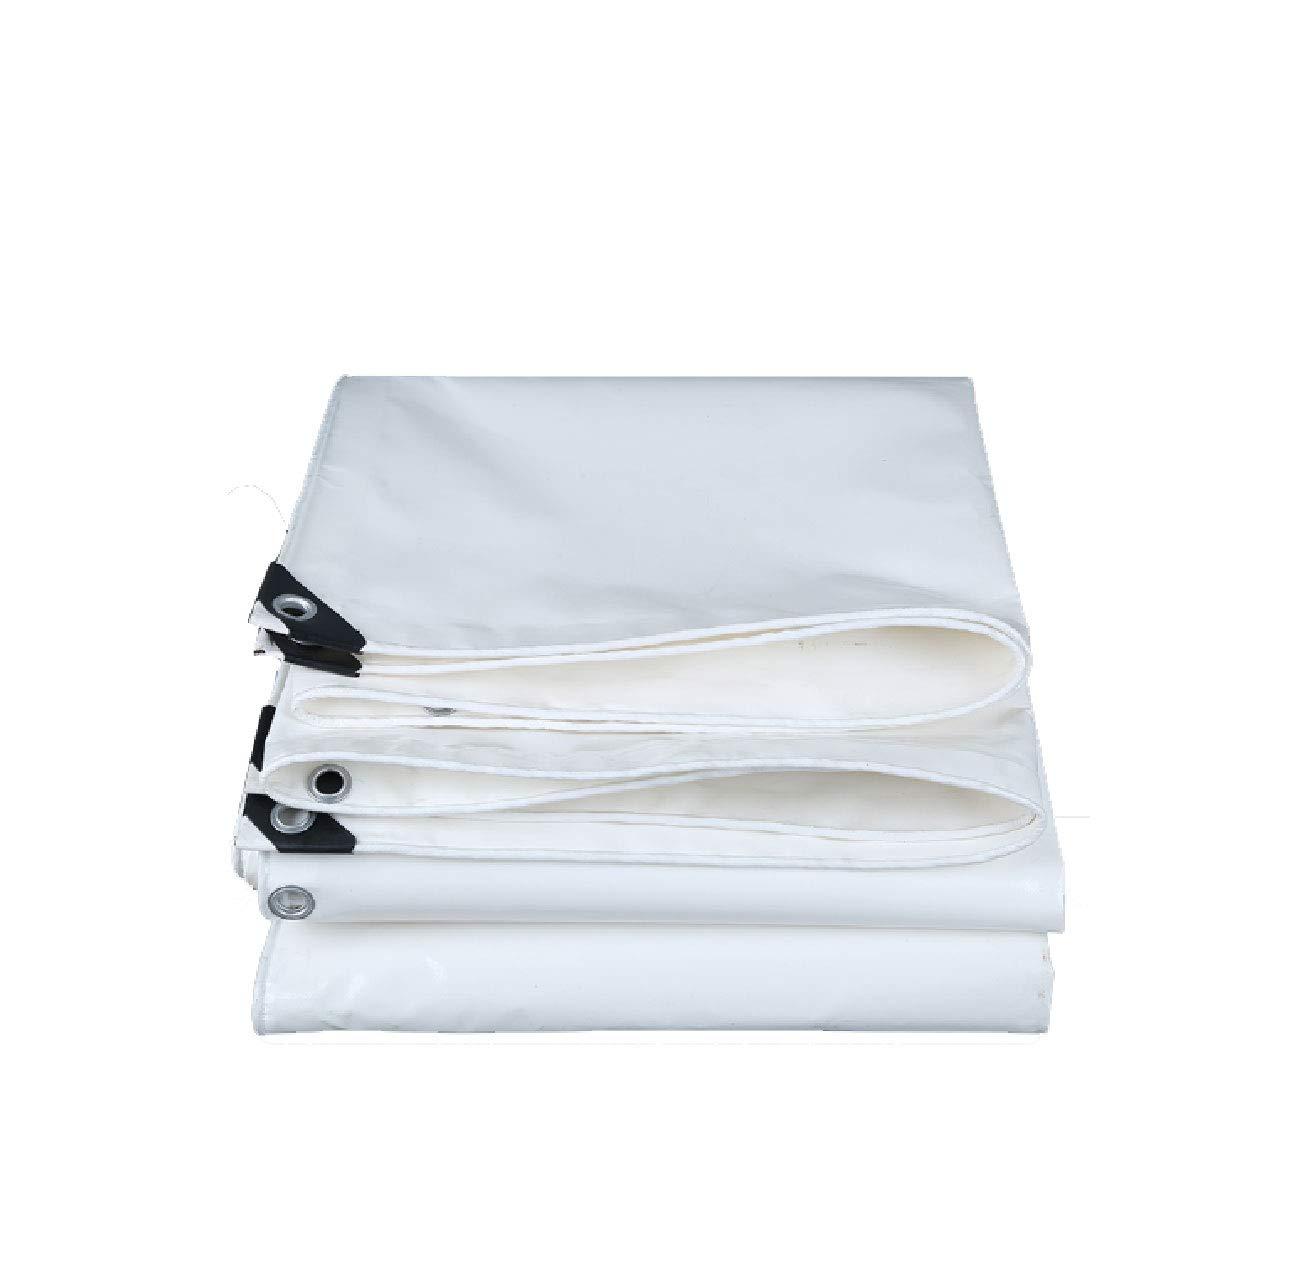 Wqewreytyuo Regenproof Tuch, Dicker weißer Plane regendichtes Tuch Sun-Plane Markisenstoffsonnenschirm-Segeltuchregenstofföl-Tuchplane im Freien